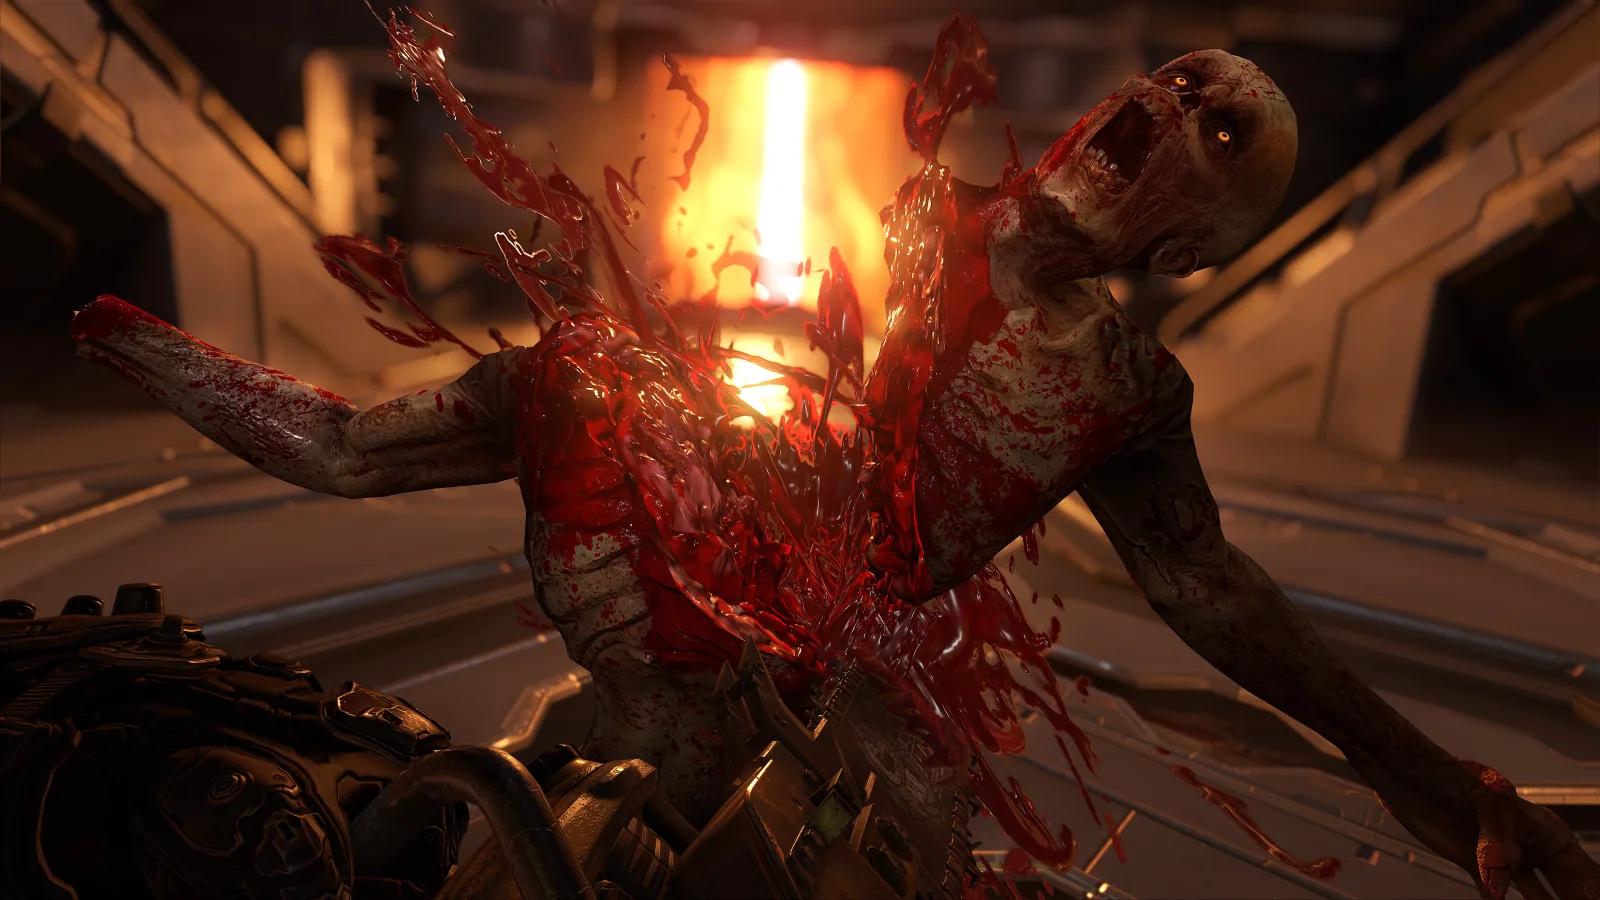 Análise | 'Doom Eternal' se reinventa e traz de volta uma das melhores franquias de FPS